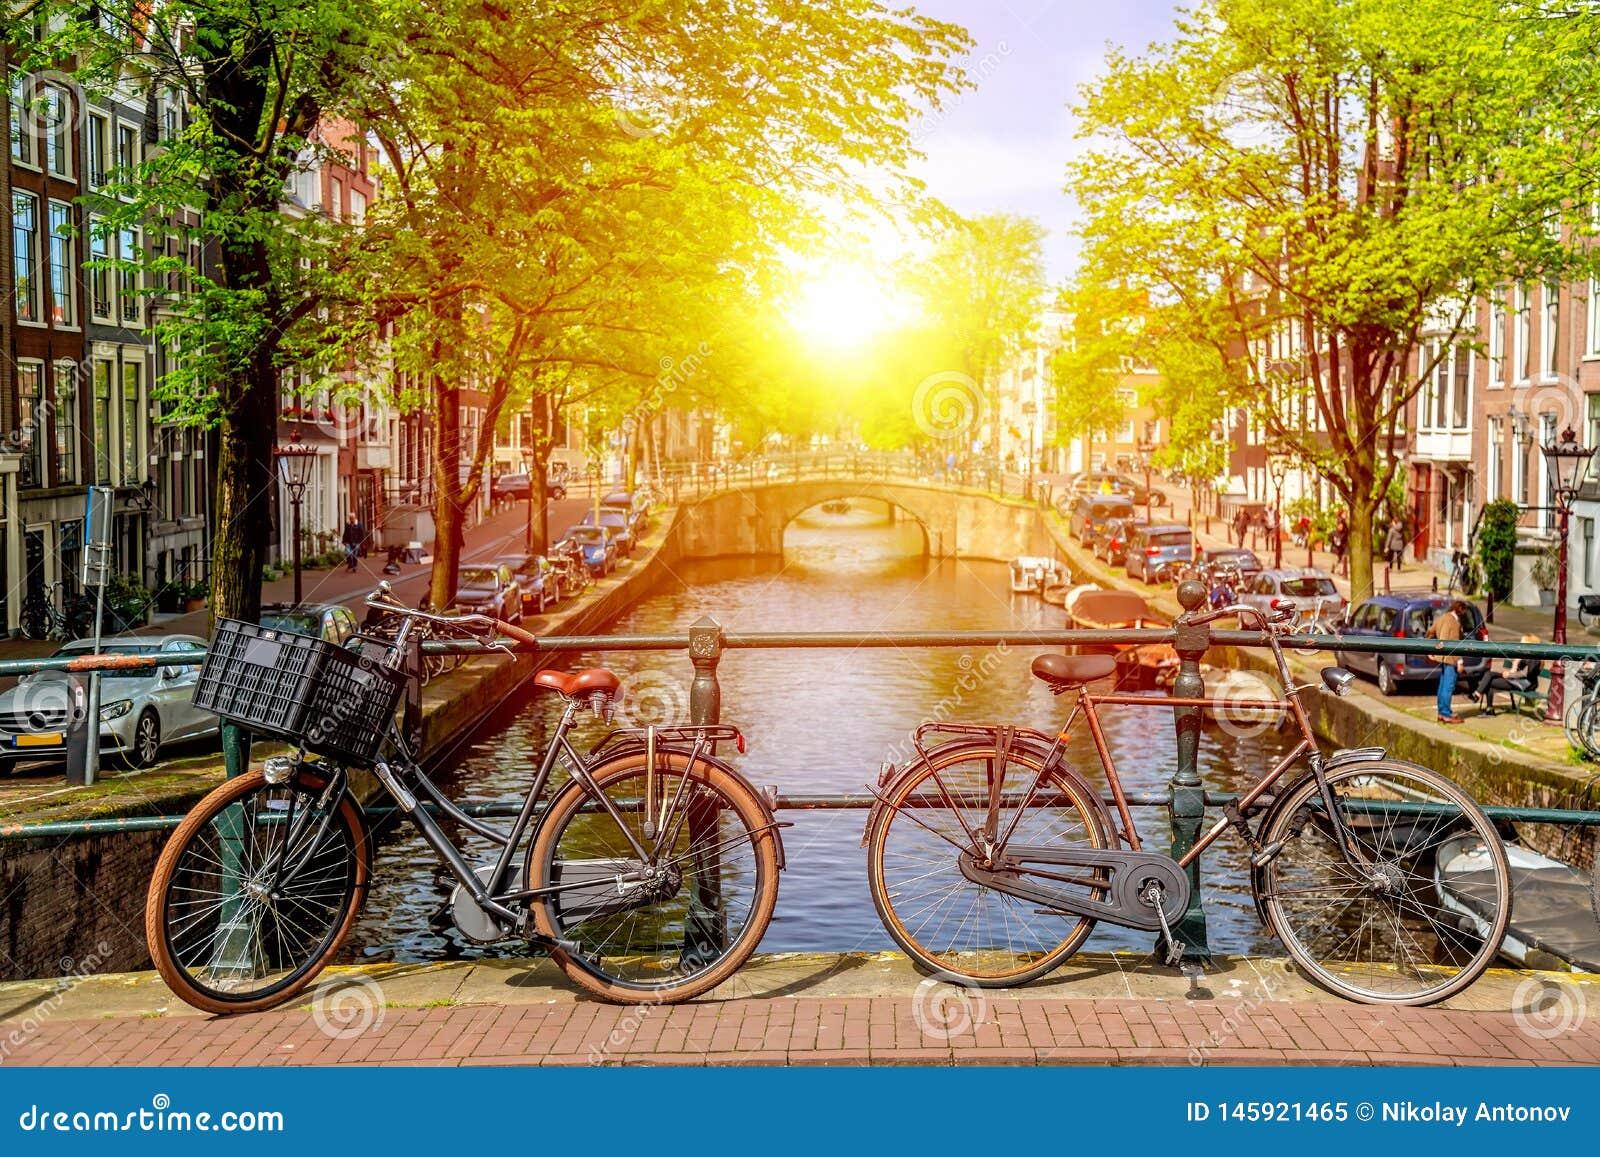 Παλαιό ποδήλατο στη γέφυρα στο Άμστερνταμ, Κάτω Χώρες ενάντια σε ένα κανάλι κατά τη διάρκεια της θερινής ηλιόλουστης ημέρας Εικον